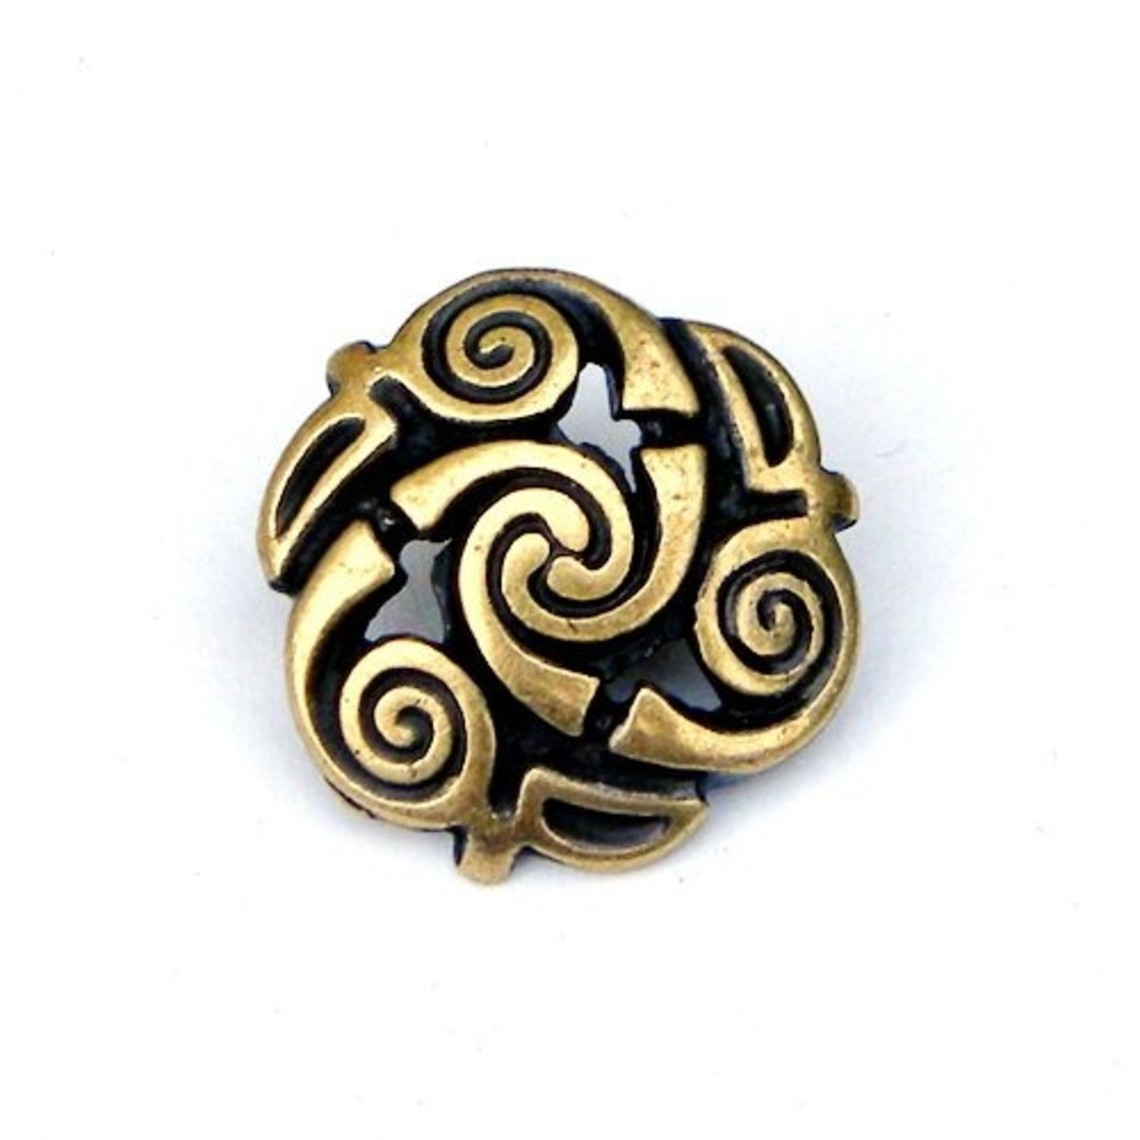 botones espirales célticas, conjunto de 5 piezas, latón